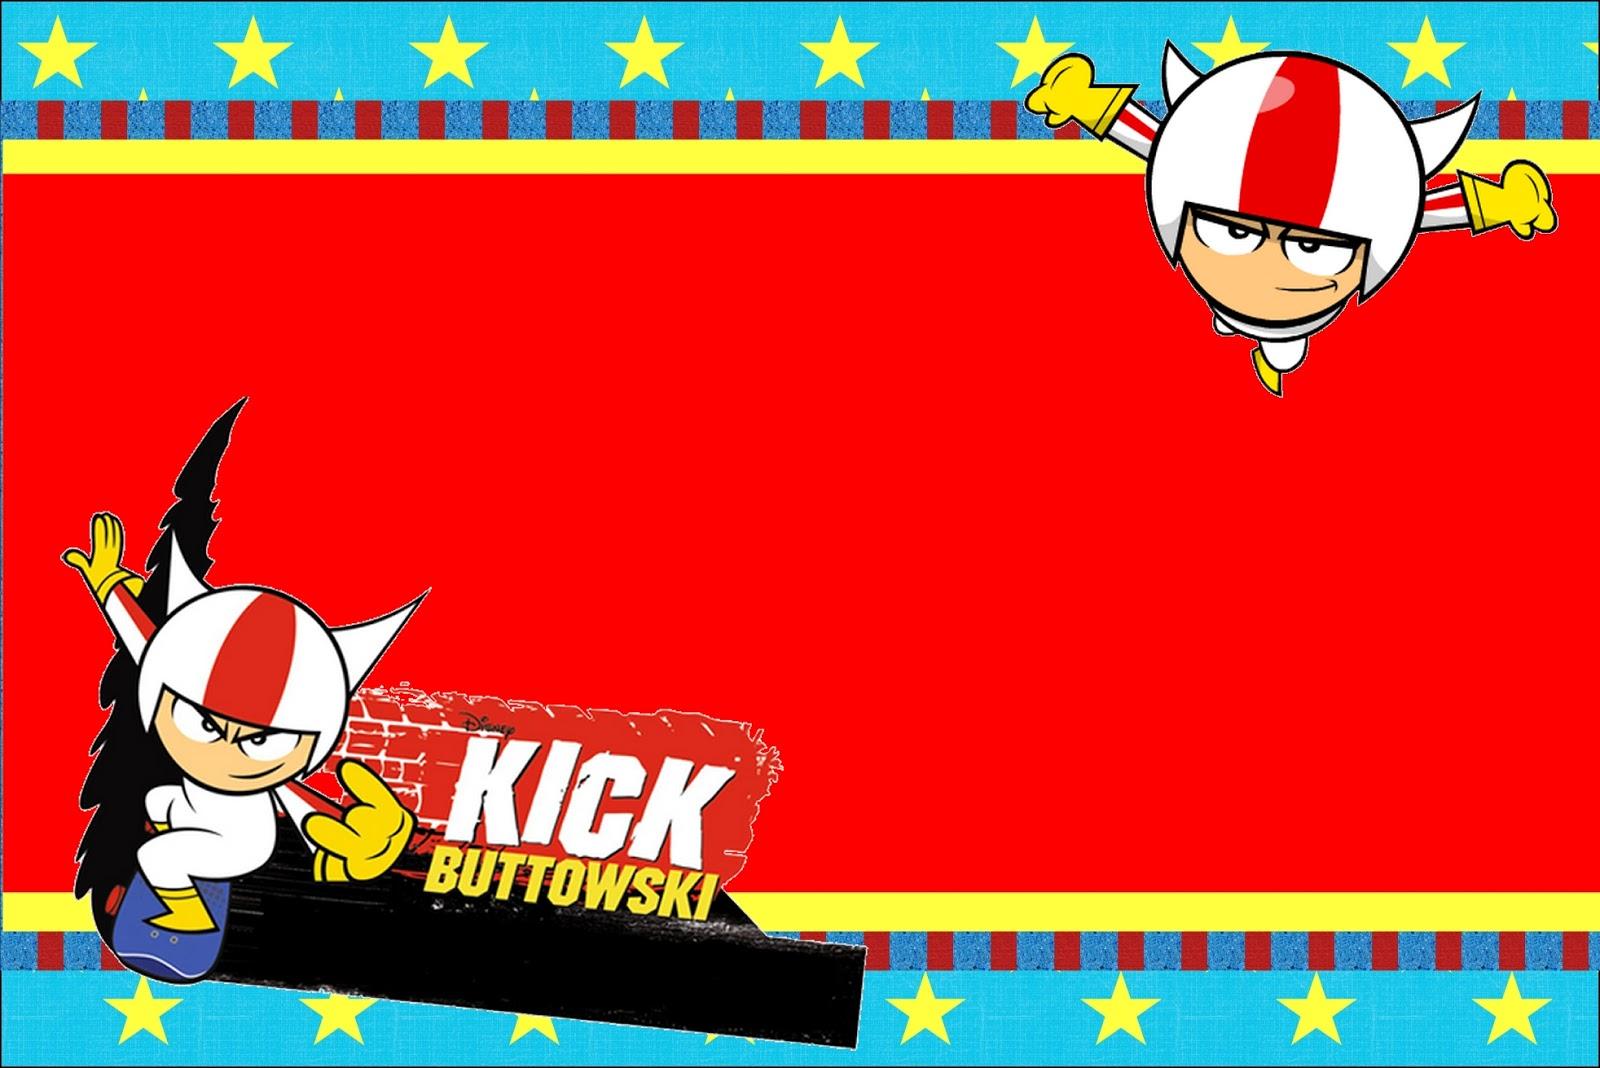 Para Imprimir Gratis  Invitaciones De Kick Buttowski